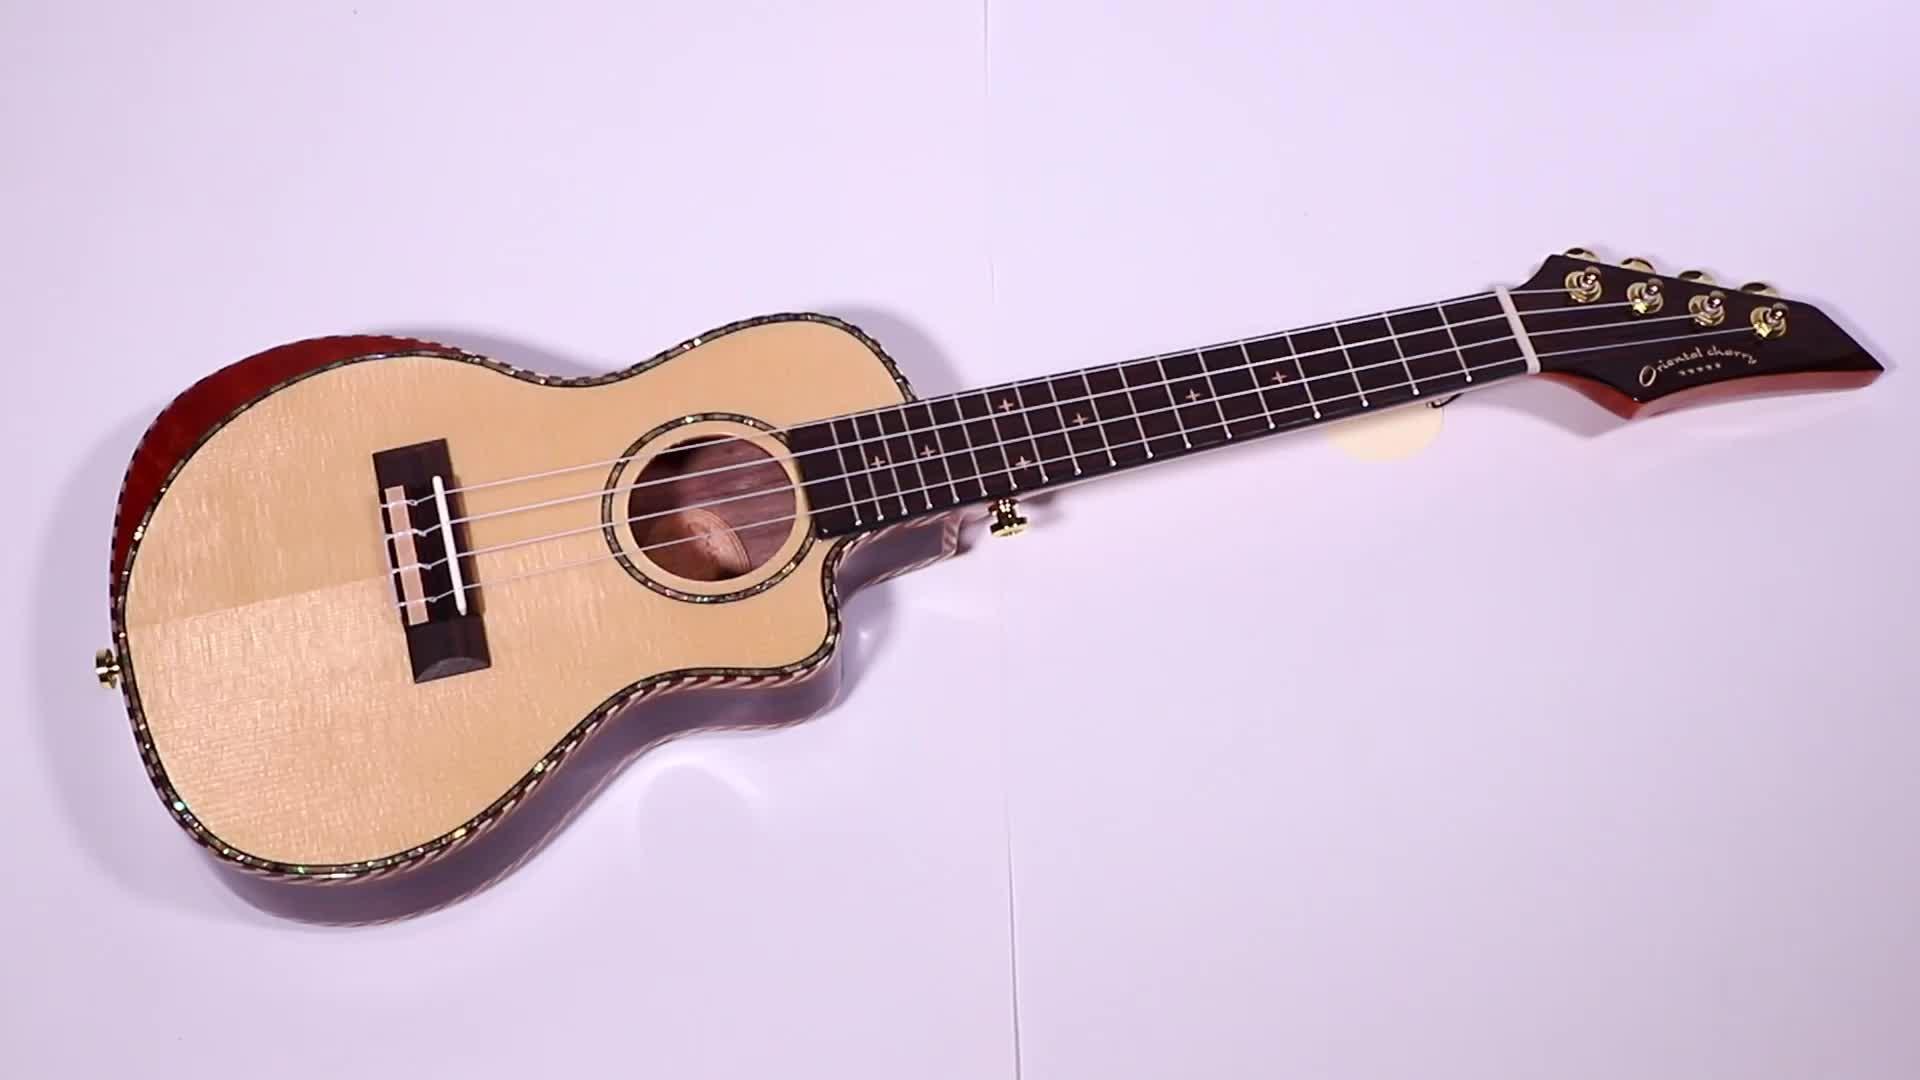 Ukulele Trung Quốc đàn guitar electric guitar với xe bán tải